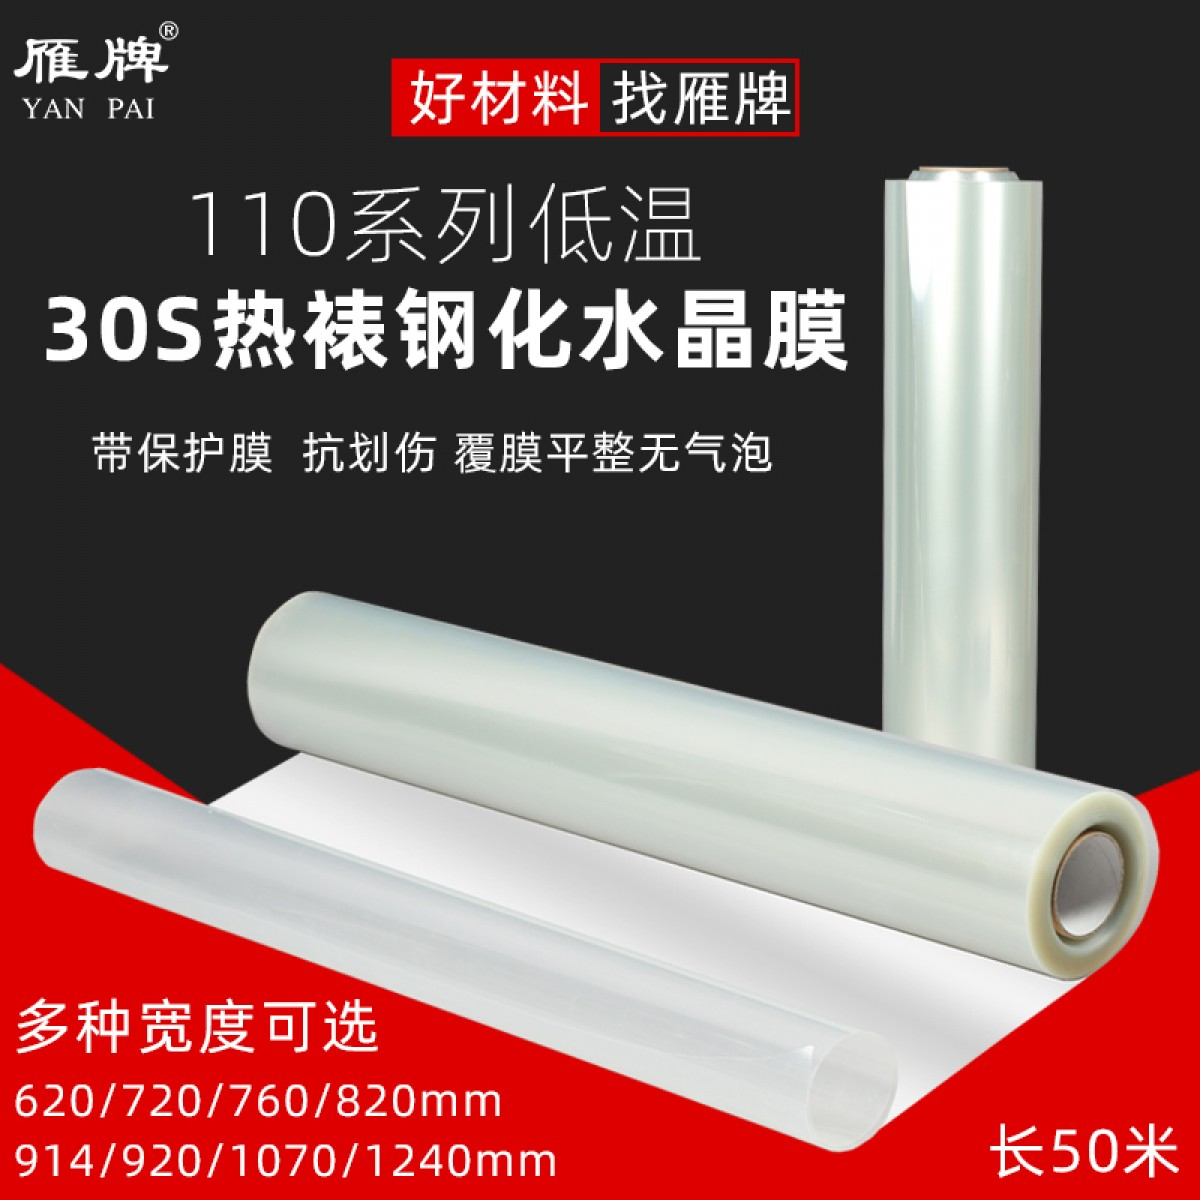 雁牌110低温55度热裱钢化膜30S热裱水晶膜晶瓷画装饰画照片覆膜